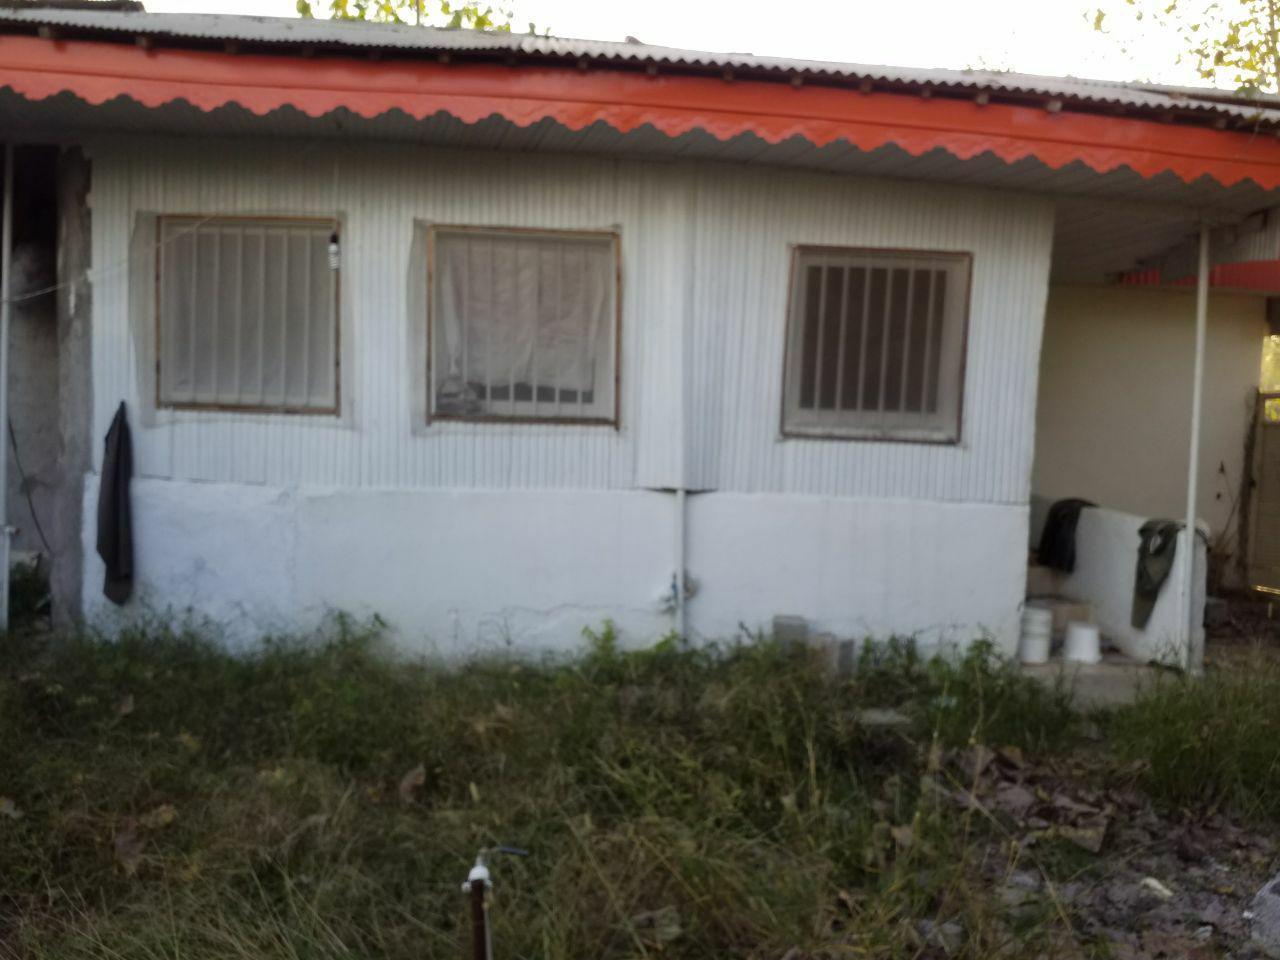 فروش خانه ویلایی 700 متر زمین لاهیجان